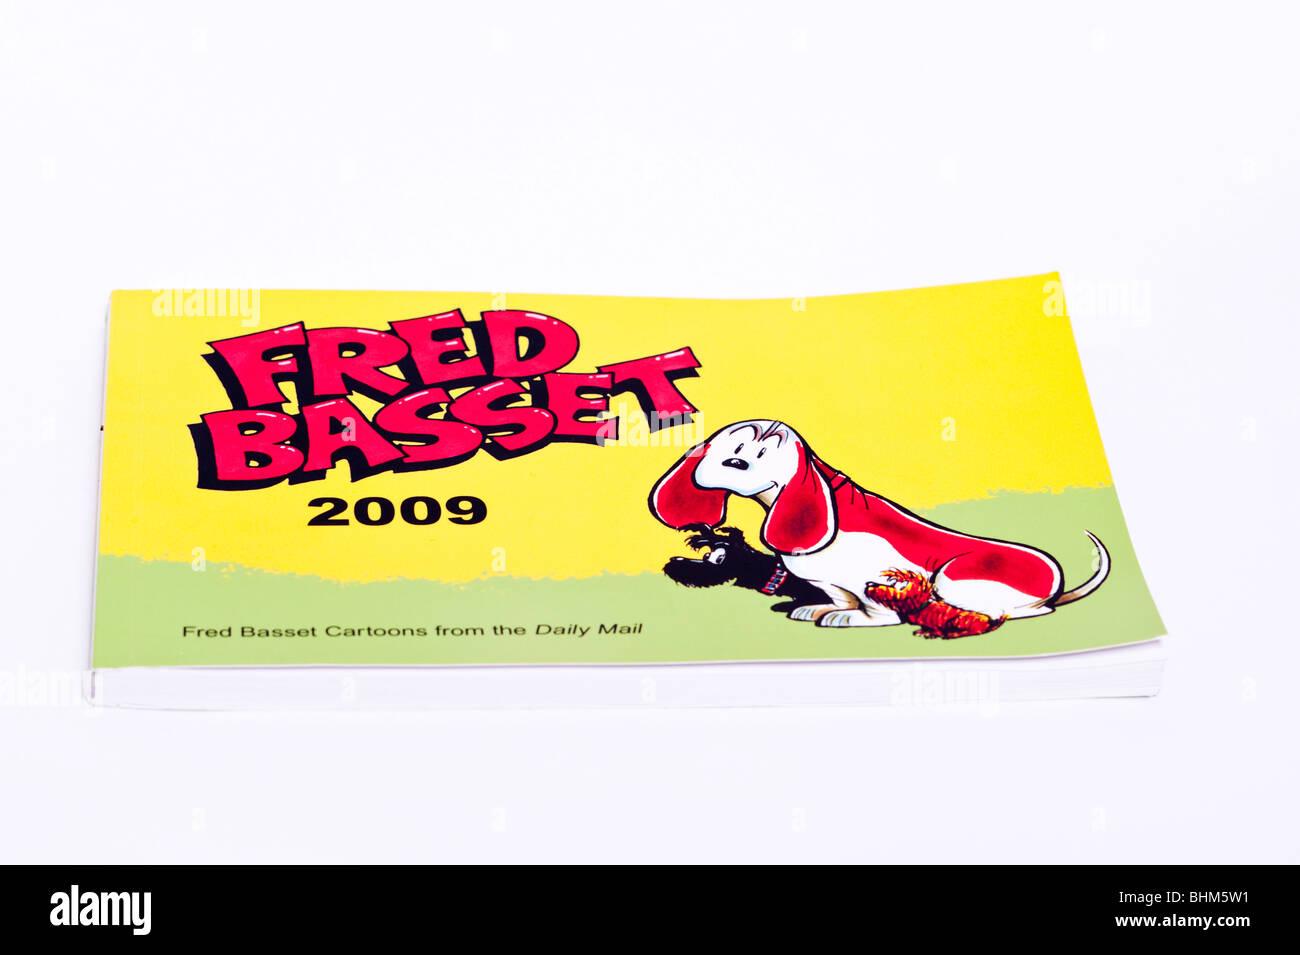 Ein Fred Basset-Cartoon-Buch auf weißem Hintergrund Stockbild